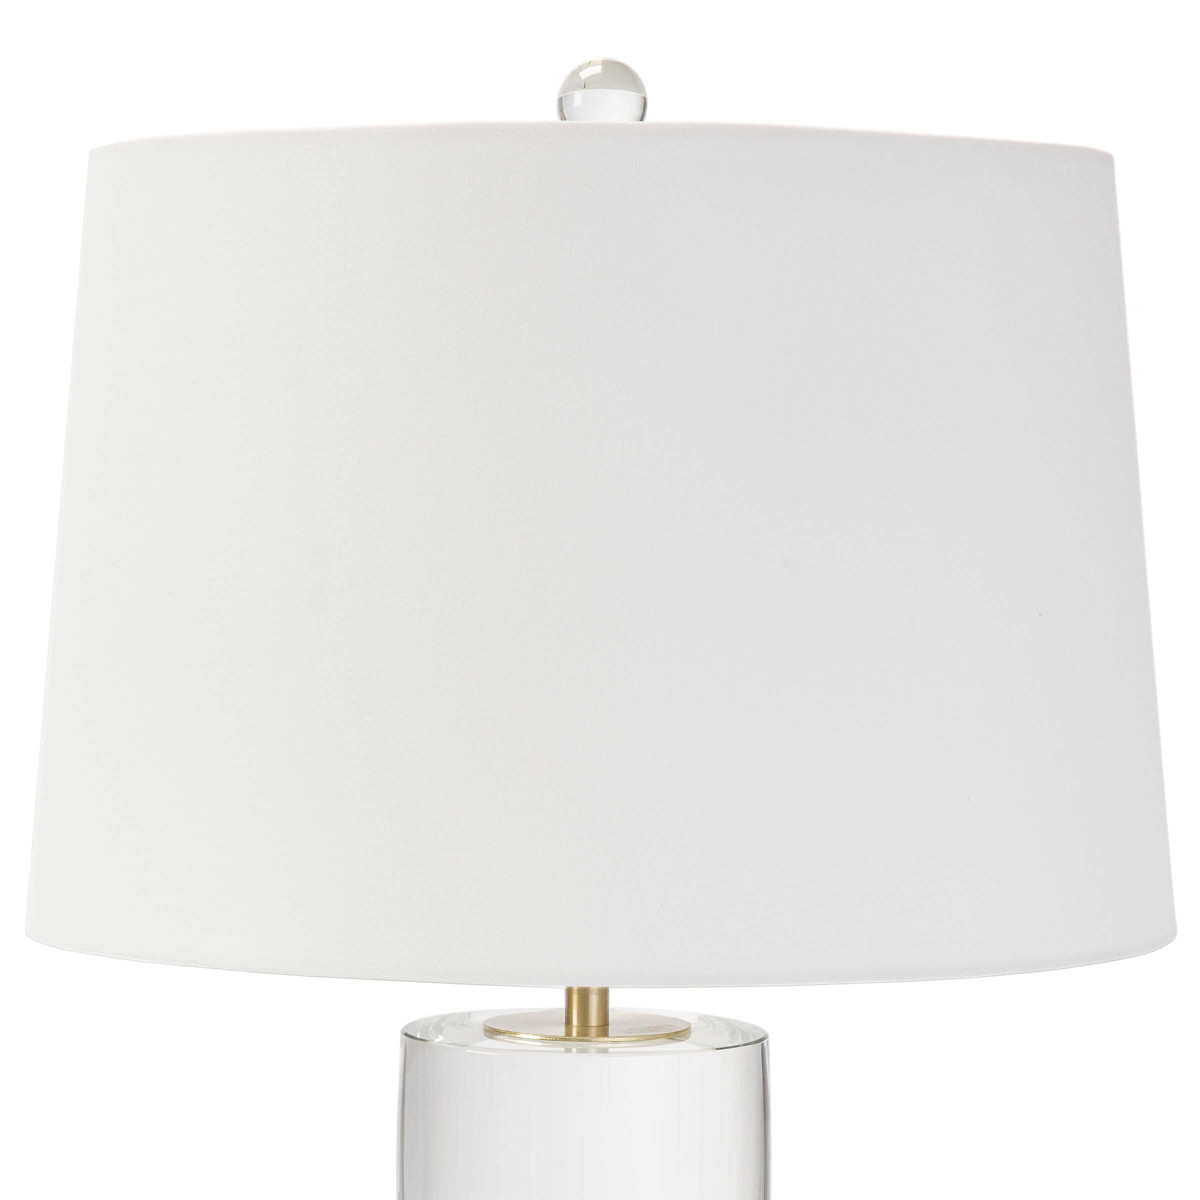 Gideon Tall Lamp | Crystal